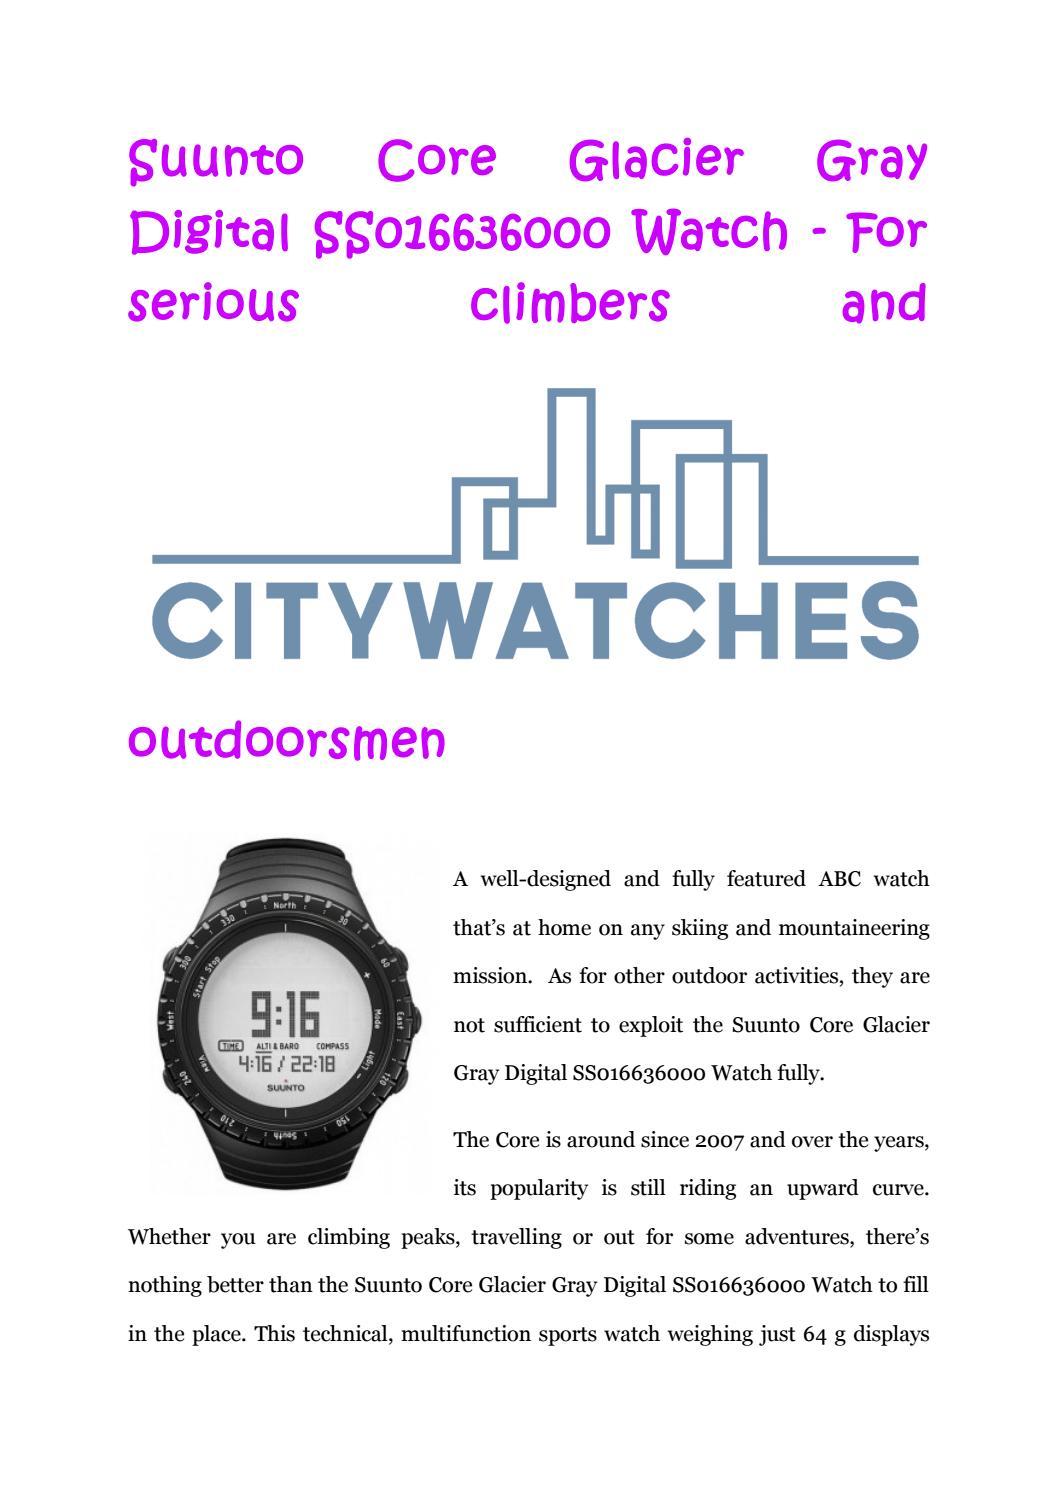 Suunto Core Glacier Gray Digital Ss016636000 Watch By Citywatchesca Outdoor Issuu